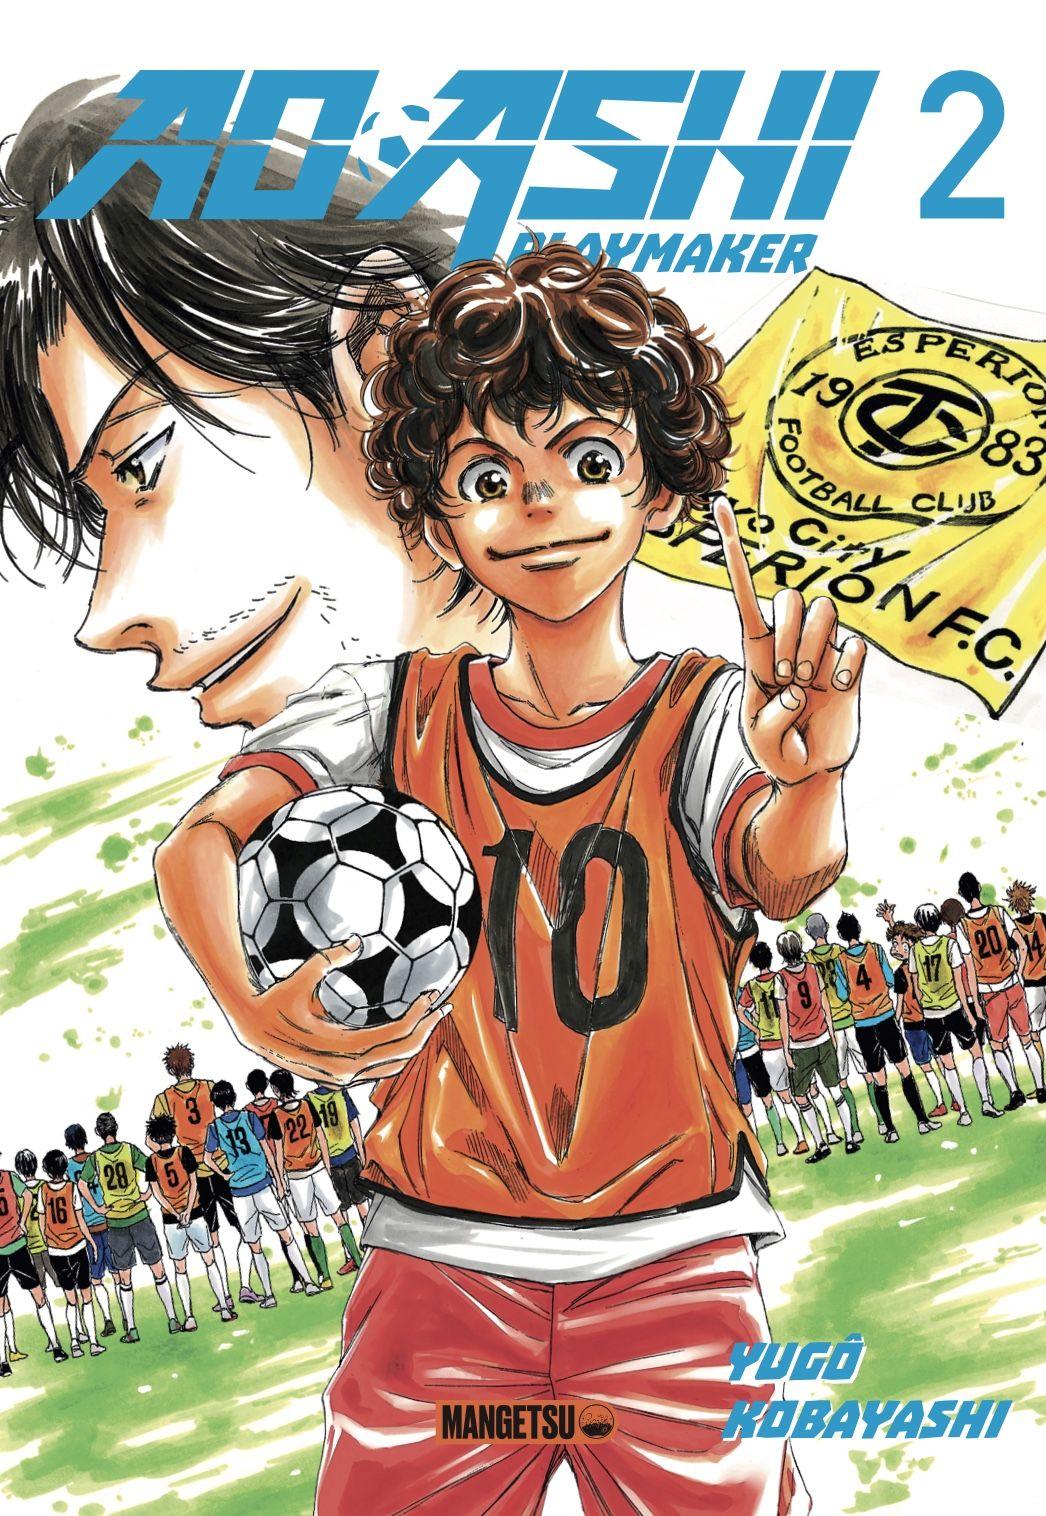 Sortie Manga au Québec JUIN 2021 Ao-ashi-2-mangetsu